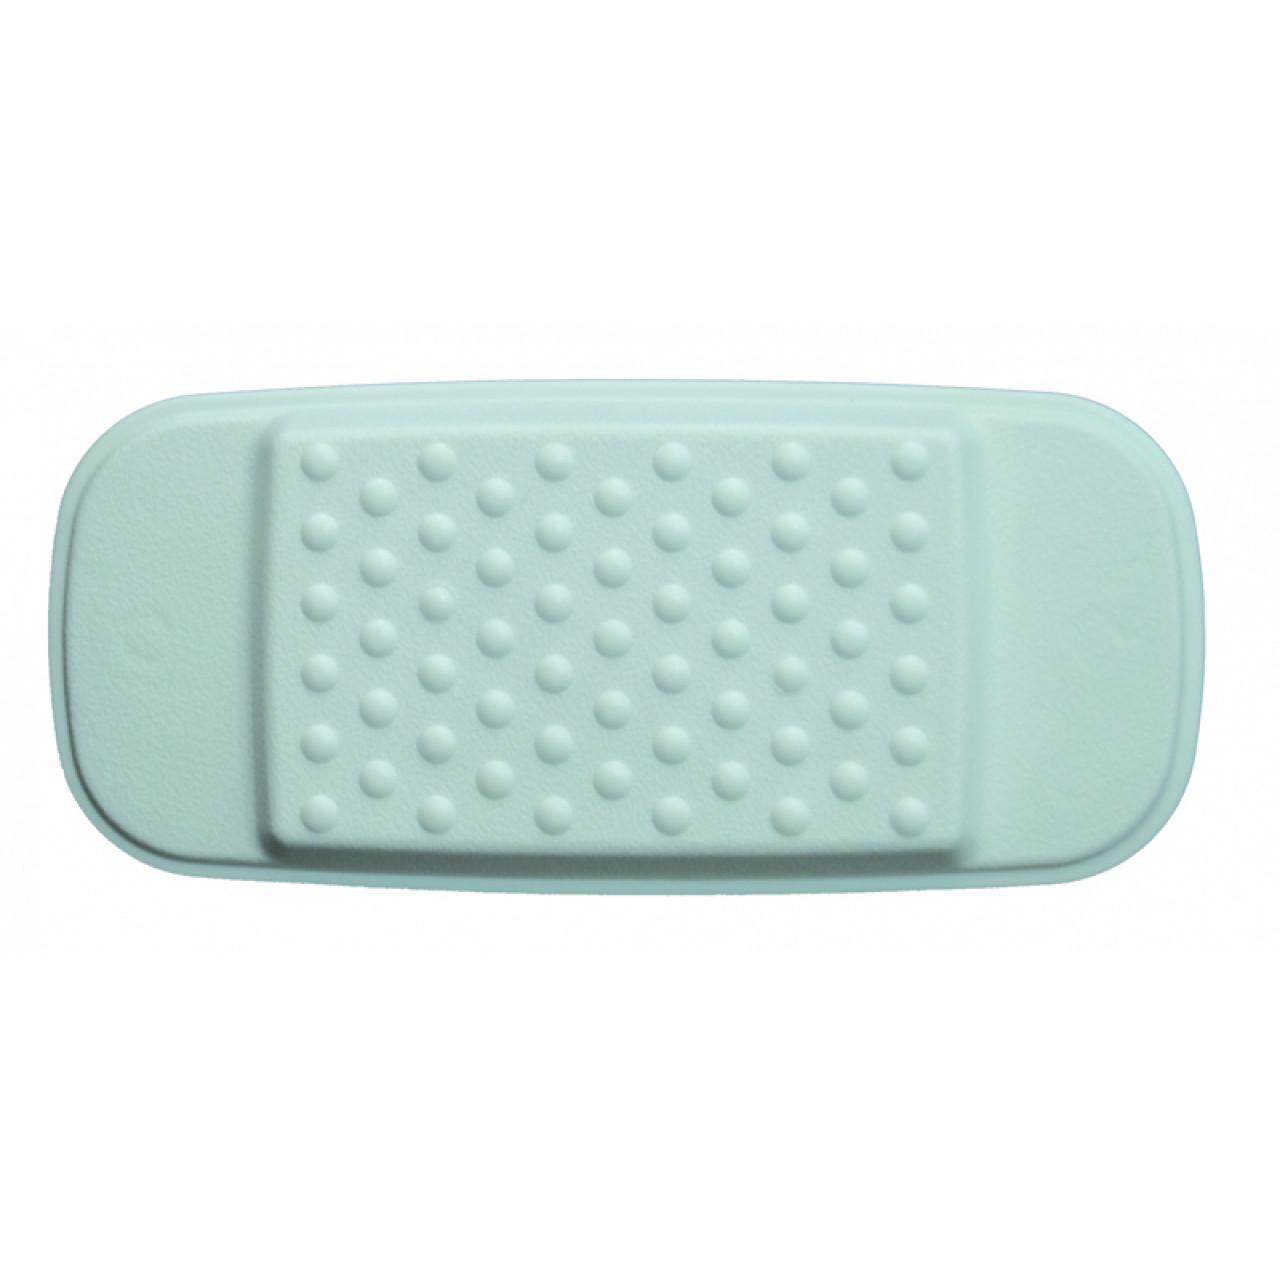 Подголовники для ванны Ridder 608601 белый, Aqm купить в Москве по цене от 456р. в интернет-магазине mebel-v-vannu.ru